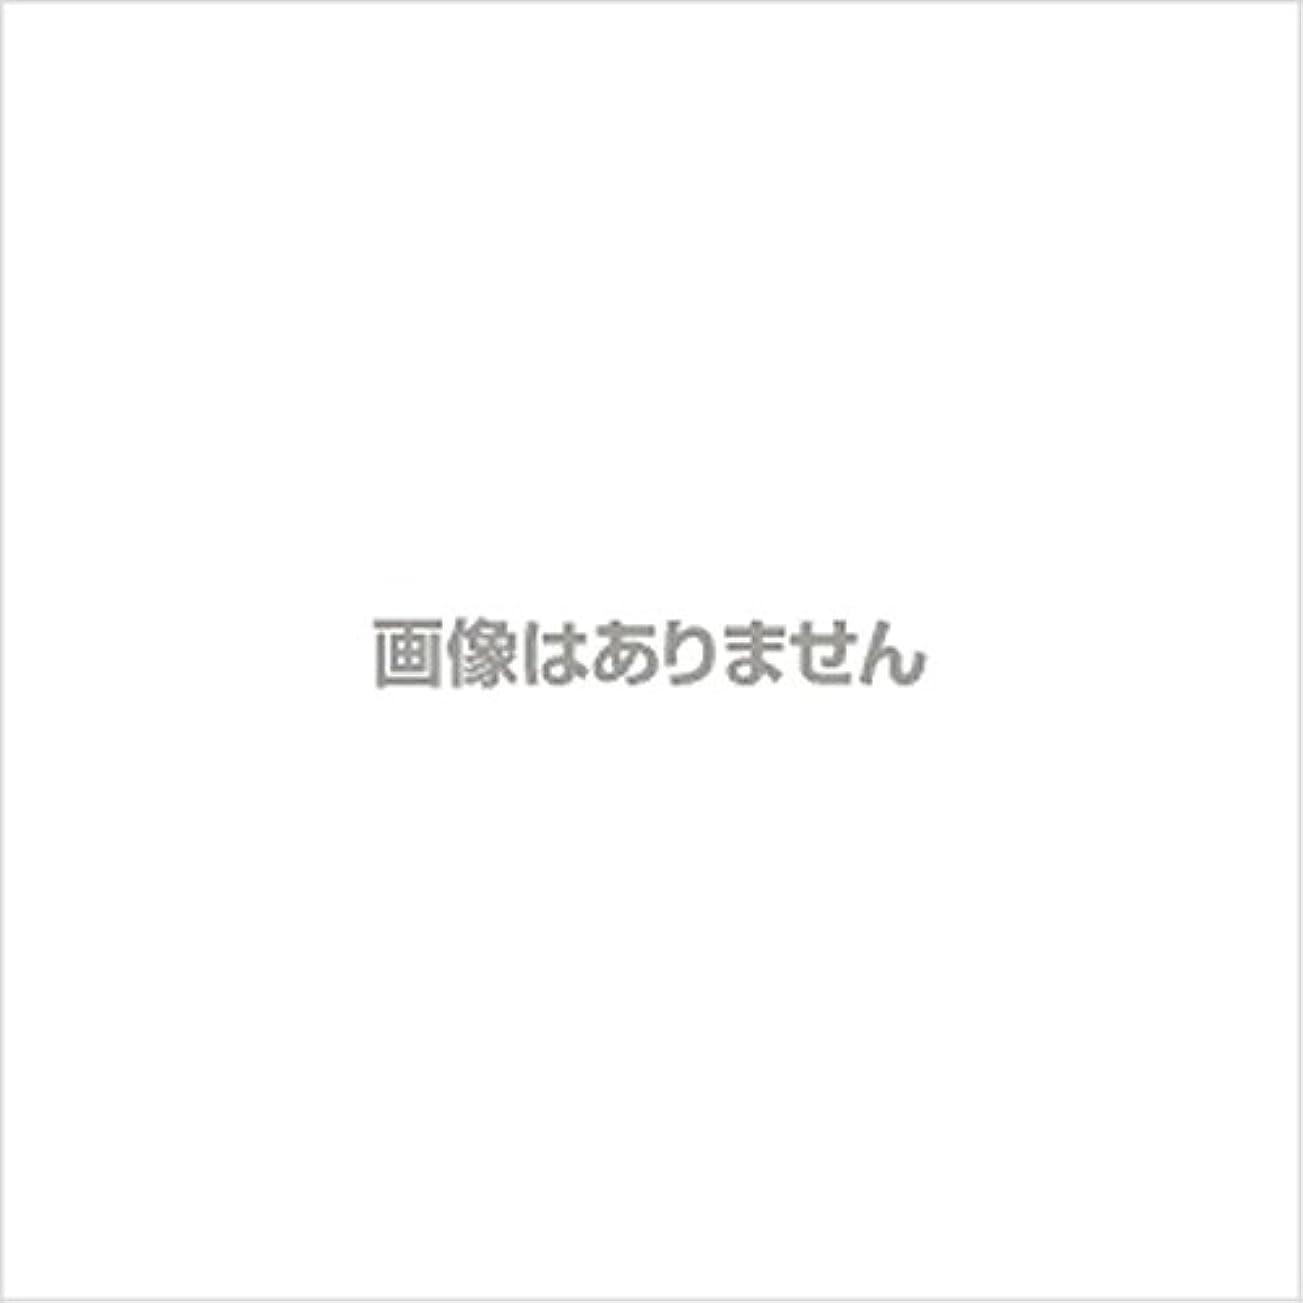 複雑な姓酸【新発売】EBUKEA エブケアNO1002 プラスチックグローブ(粉付)Mサイズ 100枚入(極薄?半透明)